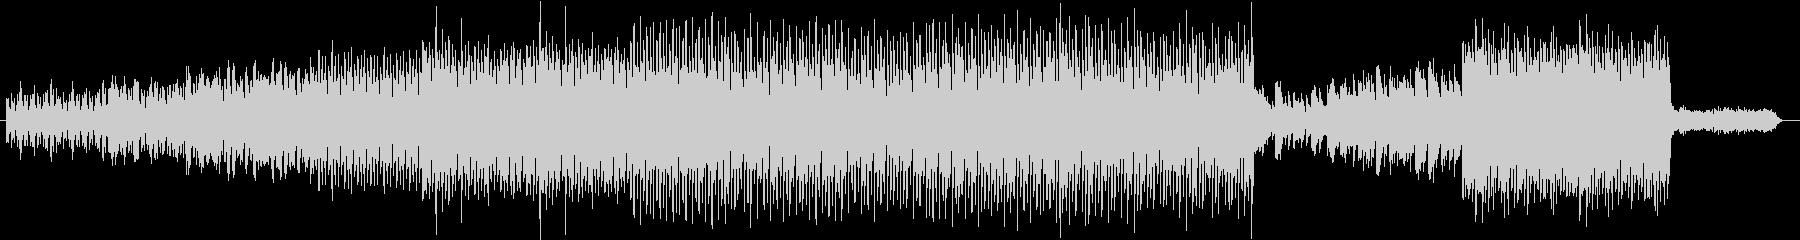 軽快なリズムの幻想的な曲の未再生の波形